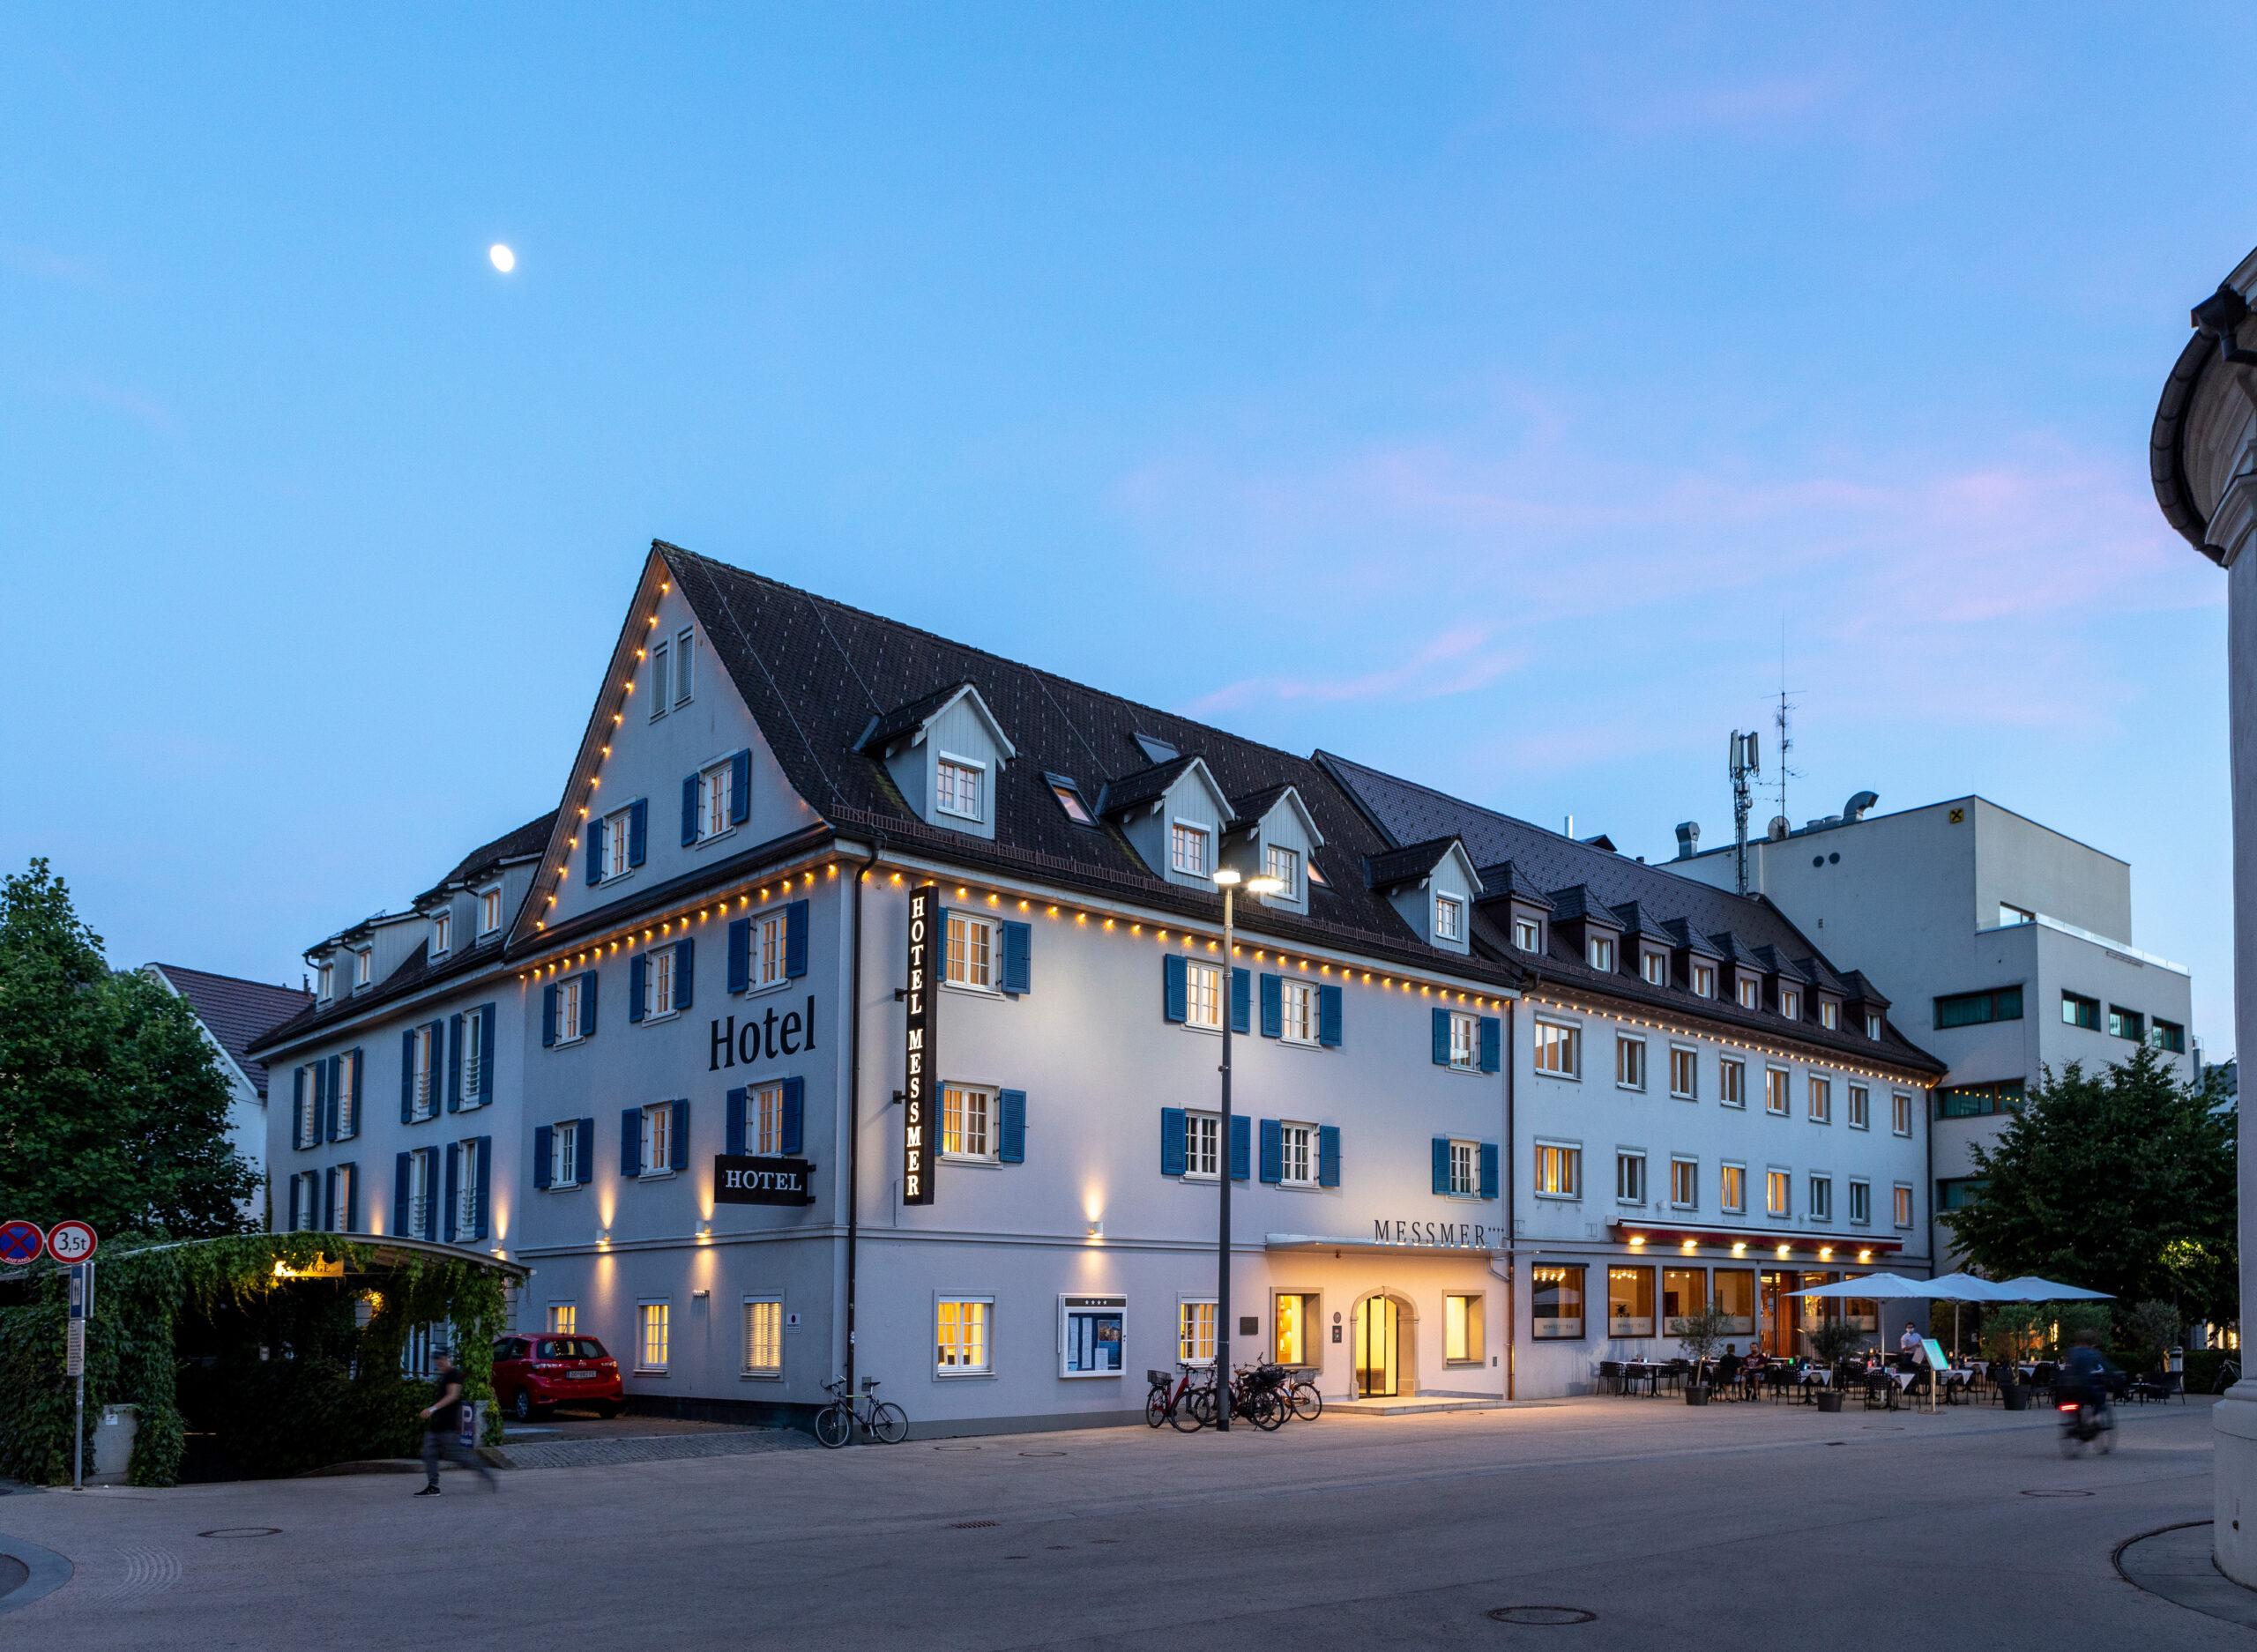 Umbau Hotel Messmer Bregenz